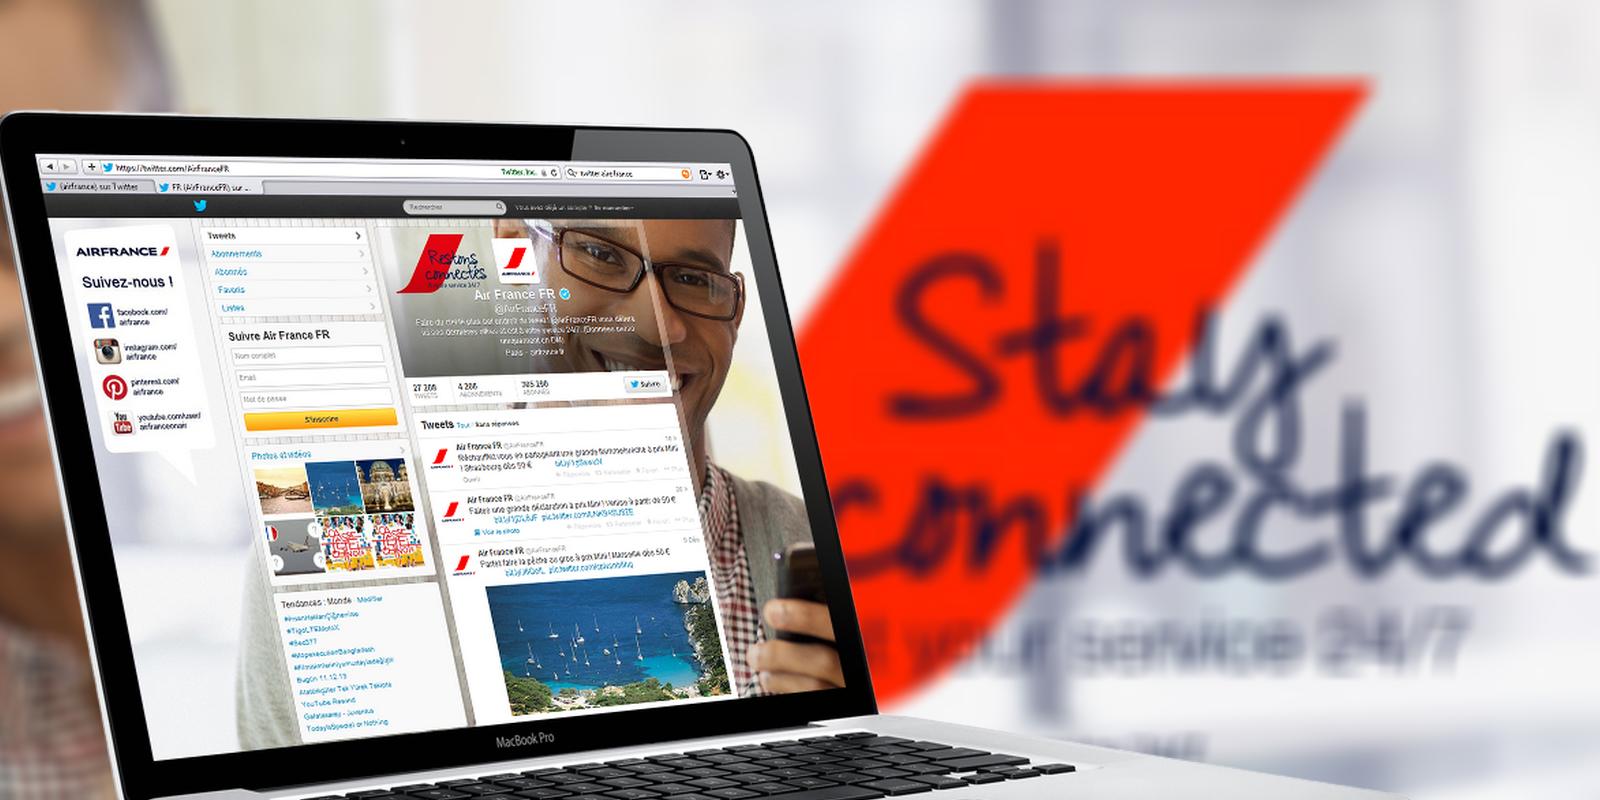 [Ecoute Client] Air France écoute ses clients 24h sur 24